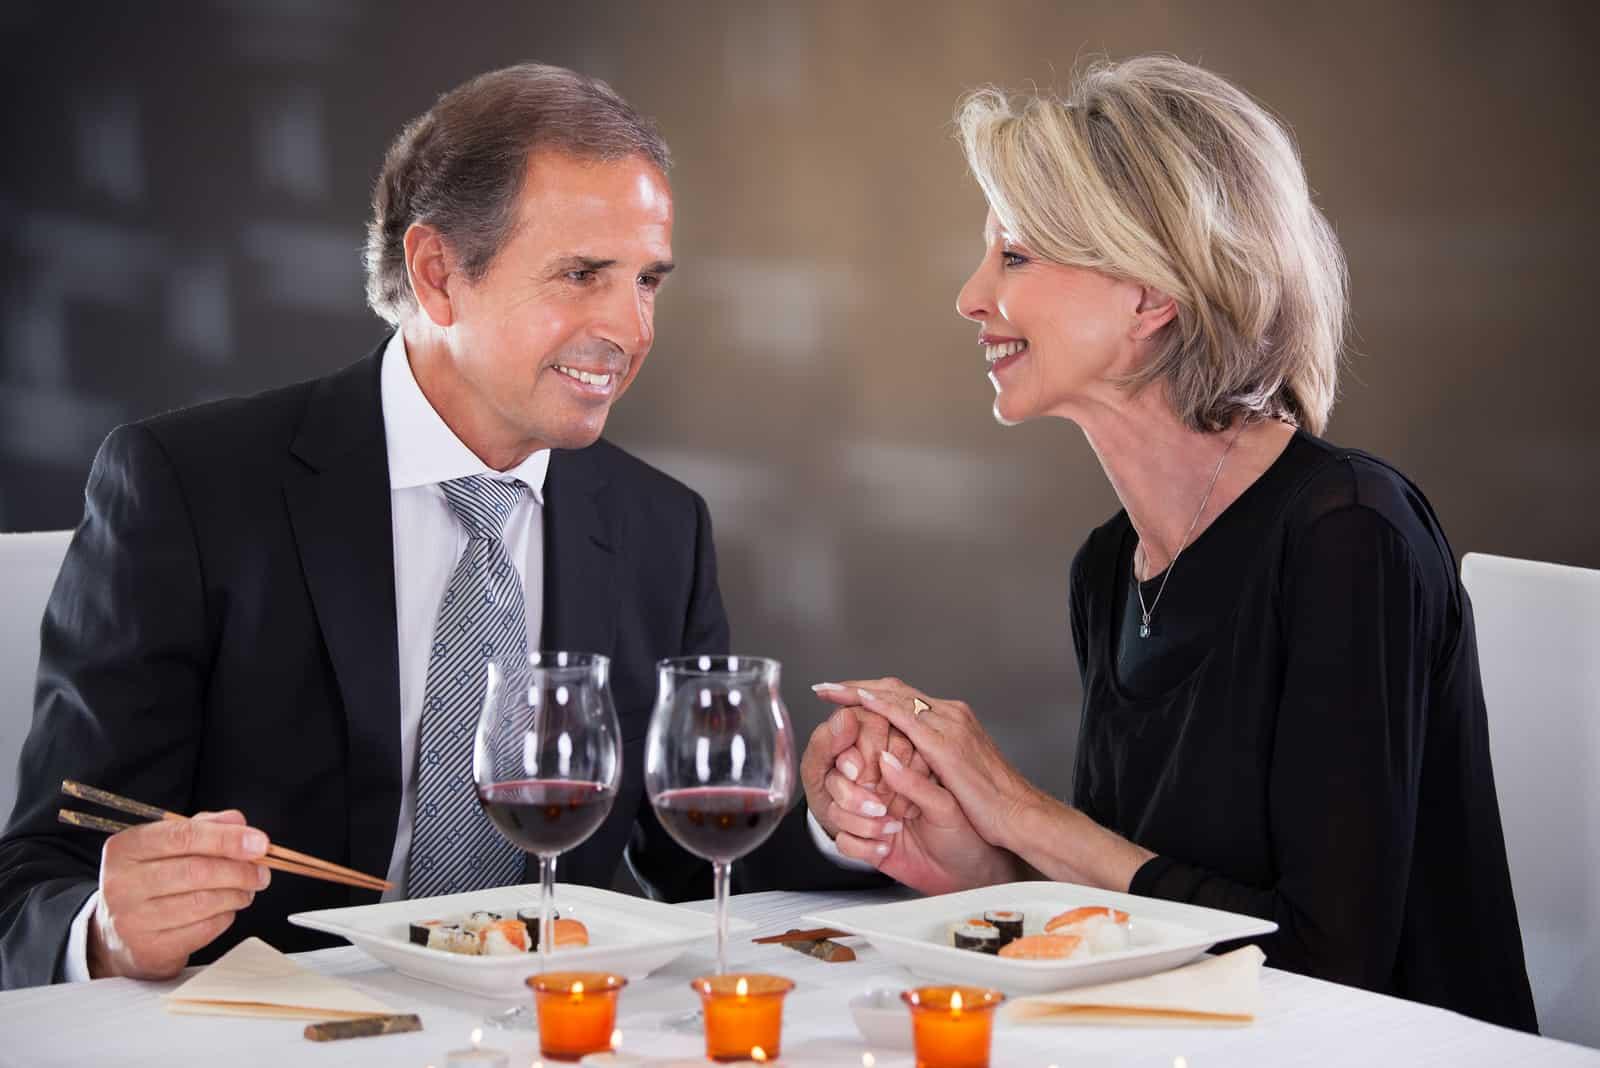 un homme et une femme sont assis à une table